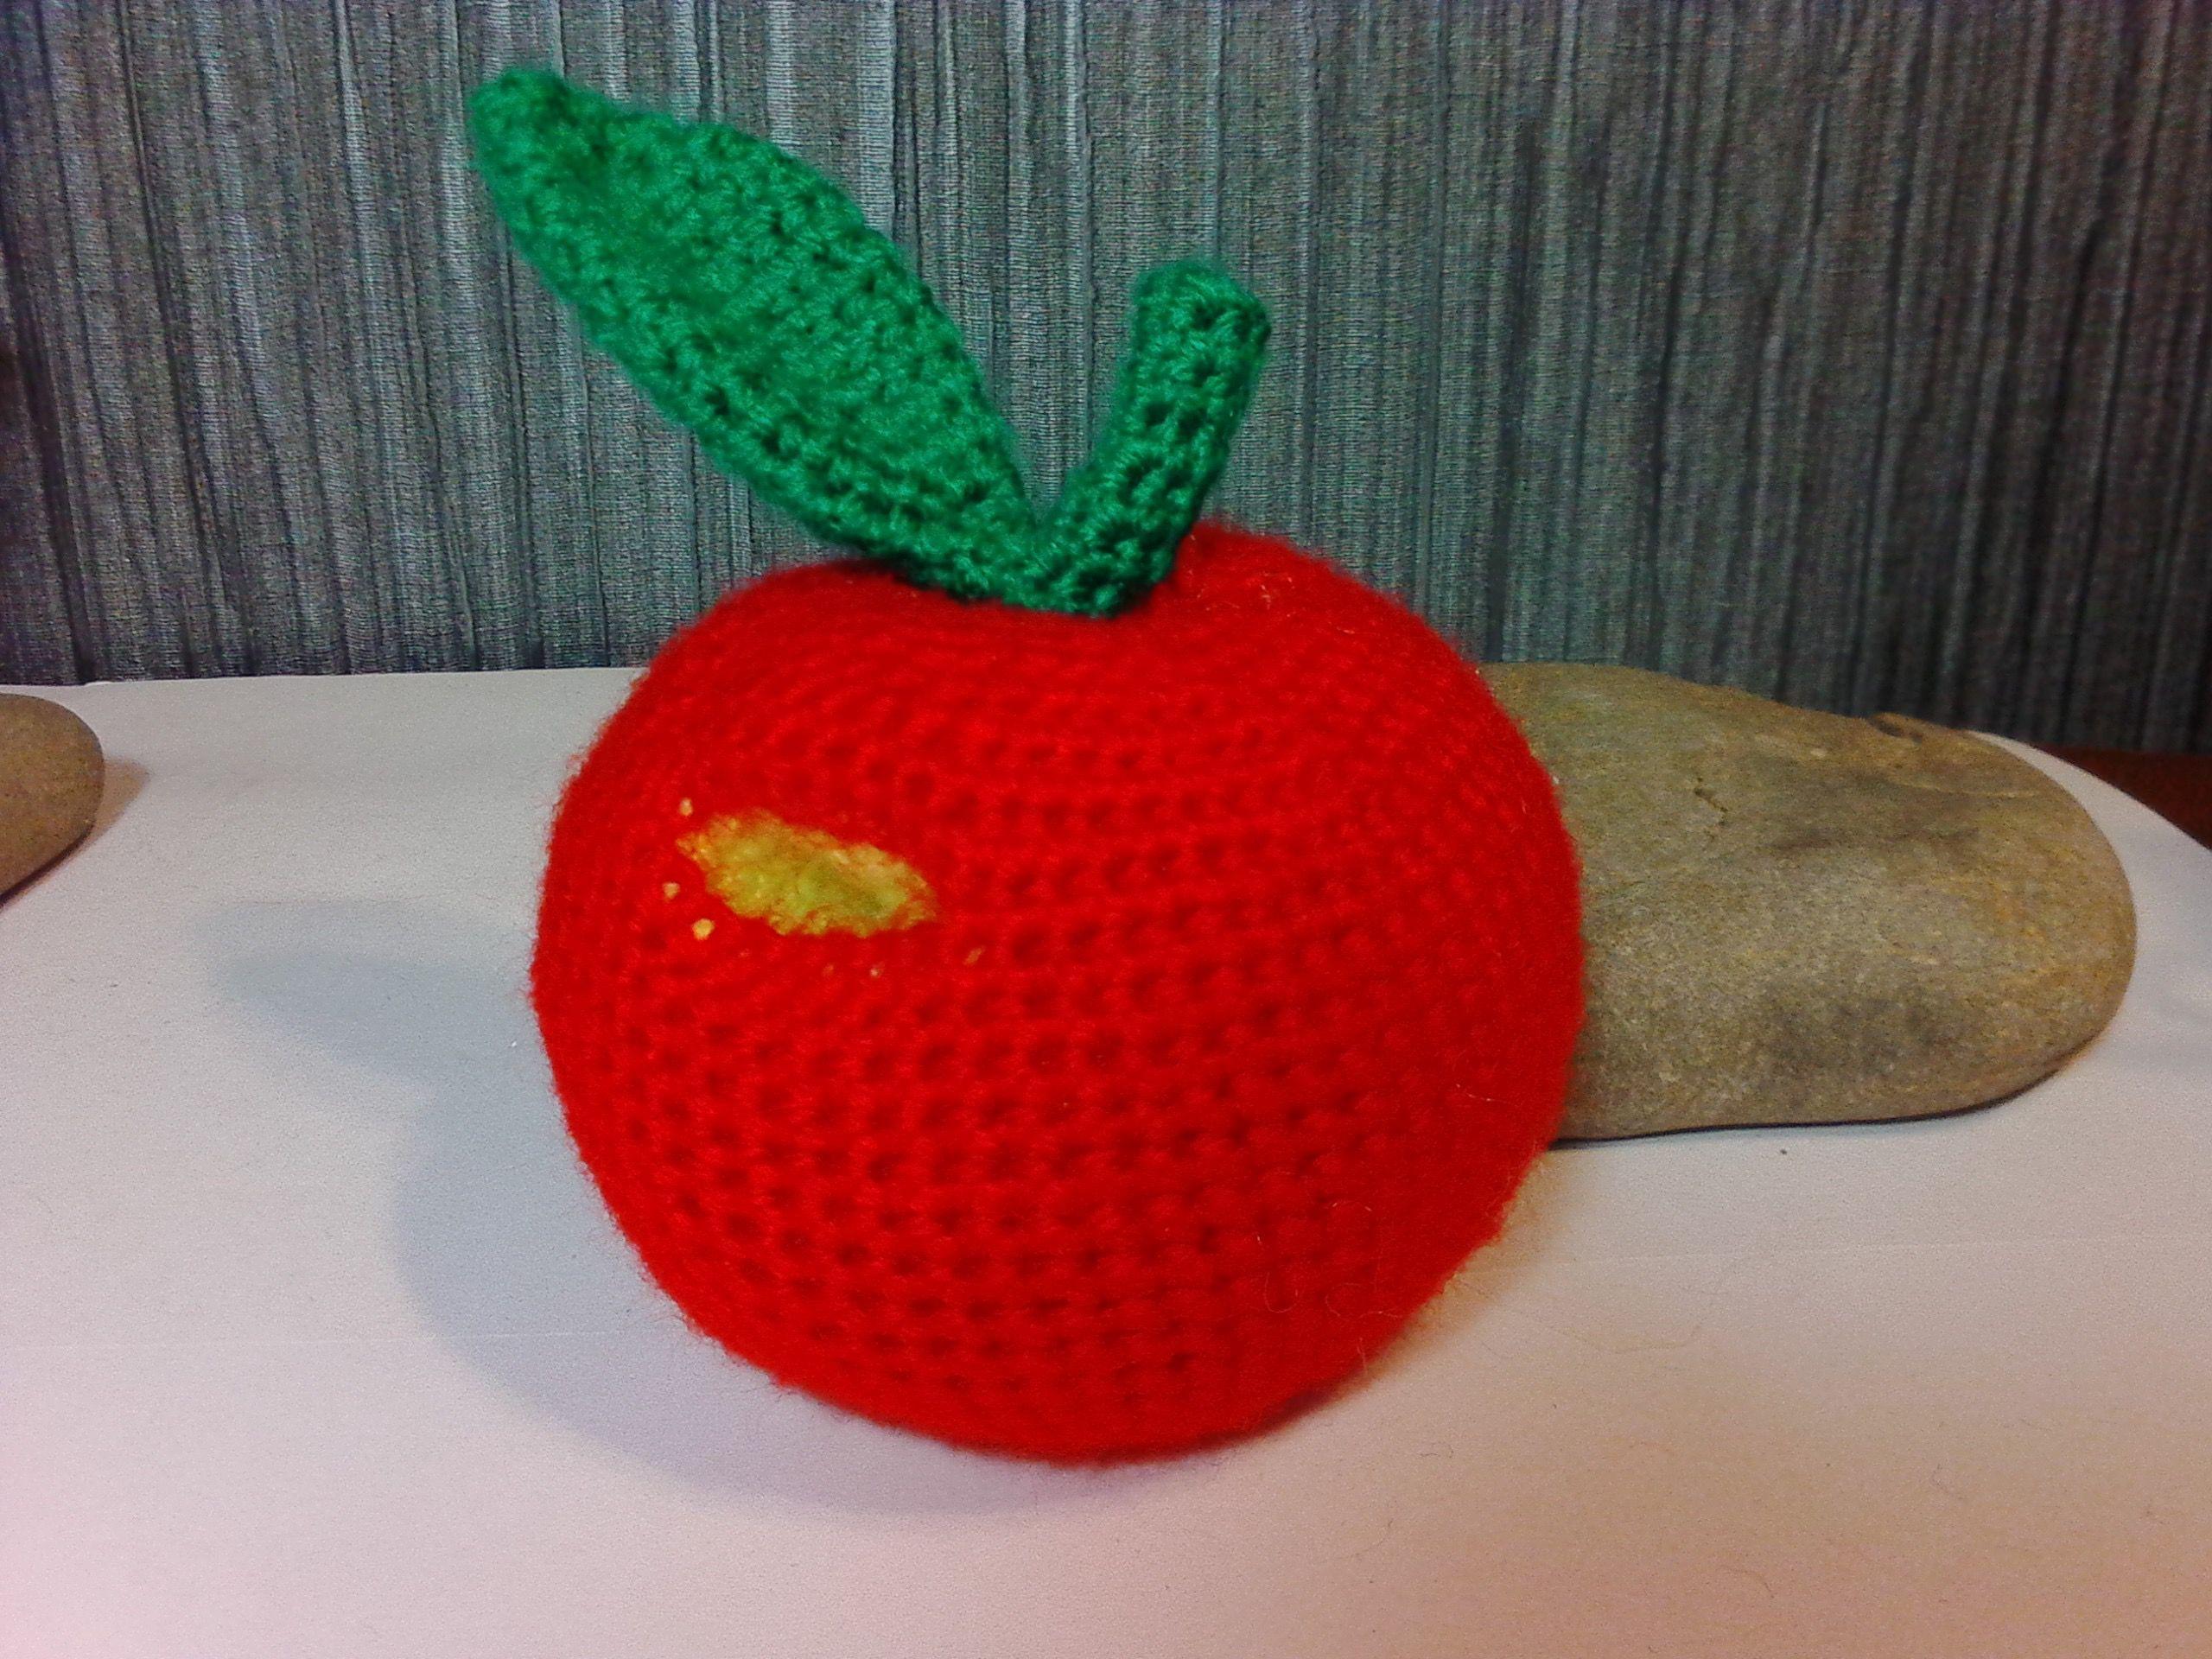 яблоко вязание подарки ручная игрушки вязанные мастер классы крючком работа сувениры